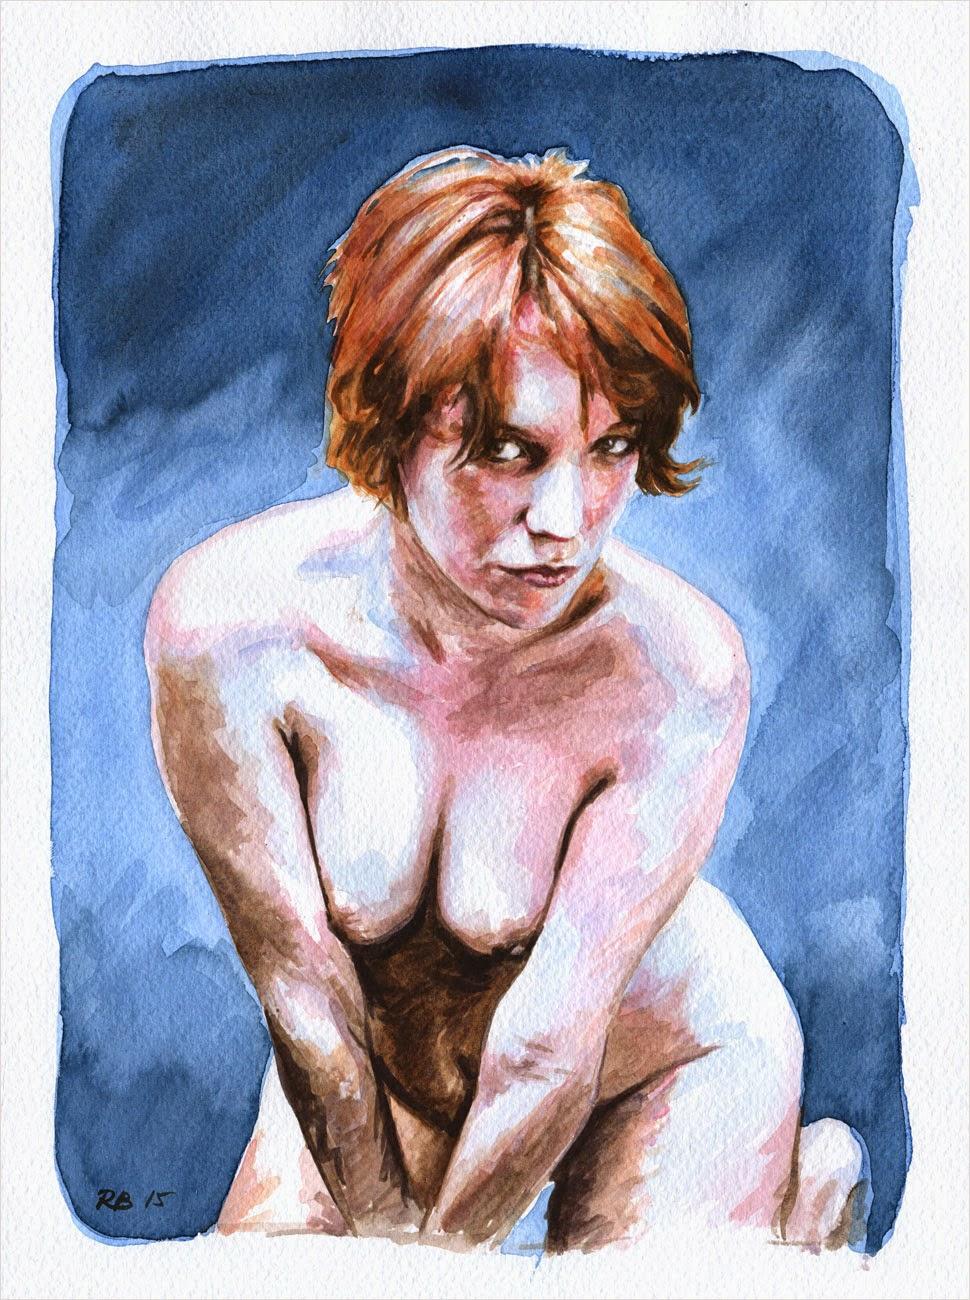 René Bui - Etude de nu à l'aquarelle 150115 - 2015